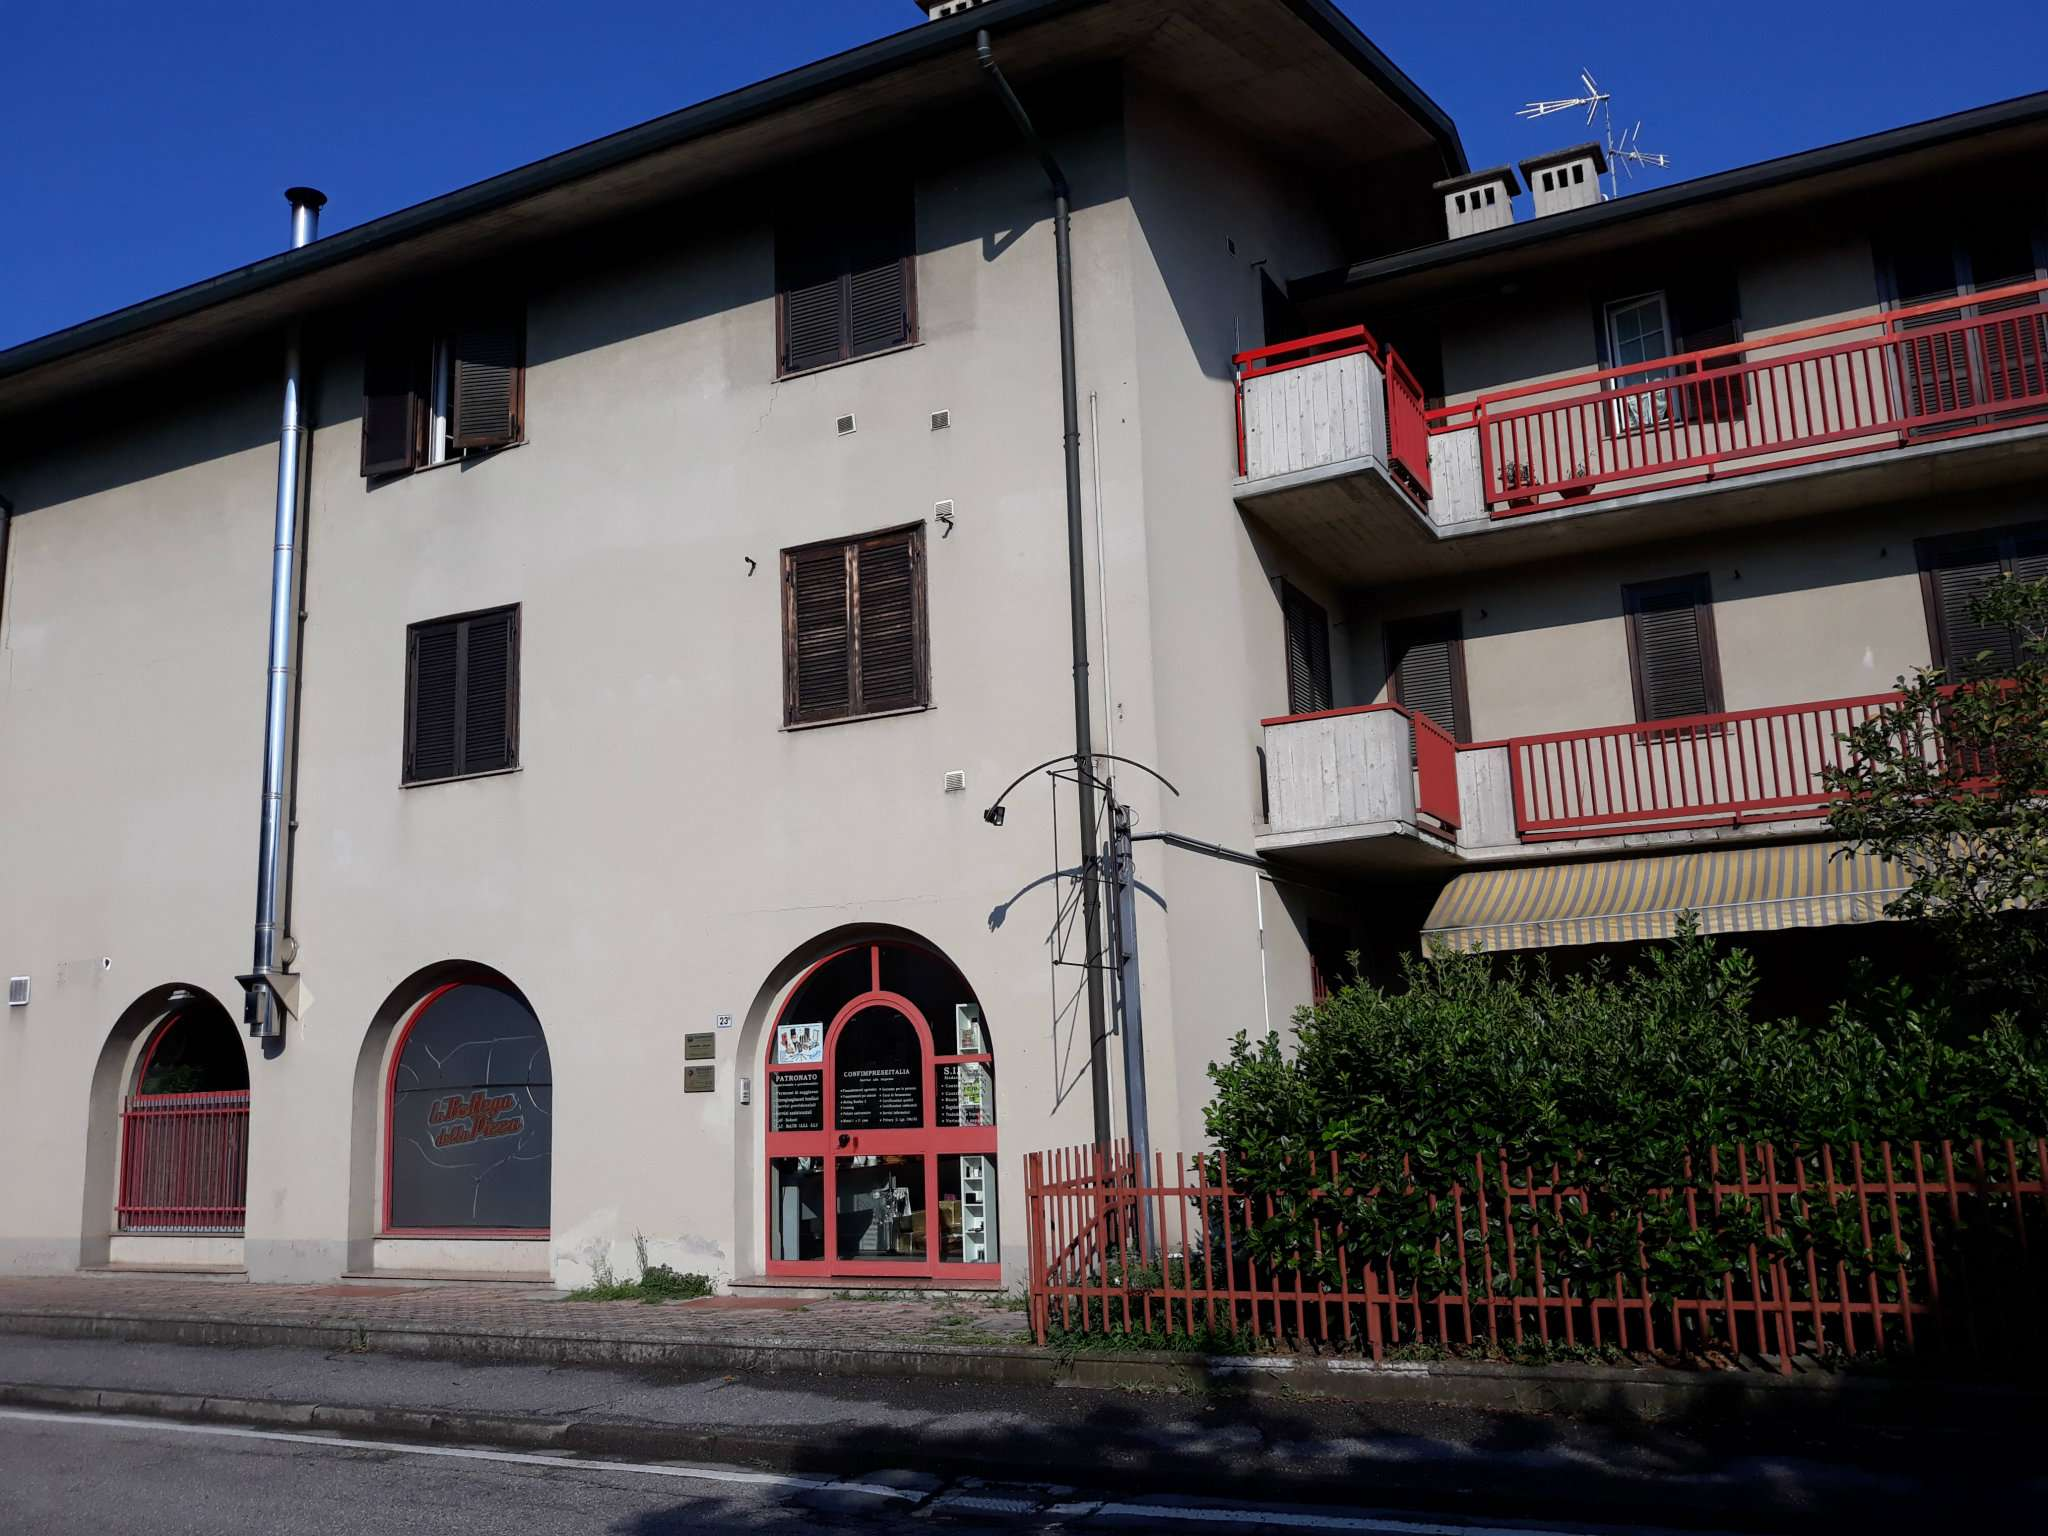 Ufficio / Studio in vendita a Osio Sotto, 3 locali, prezzo € 75.000   CambioCasa.it